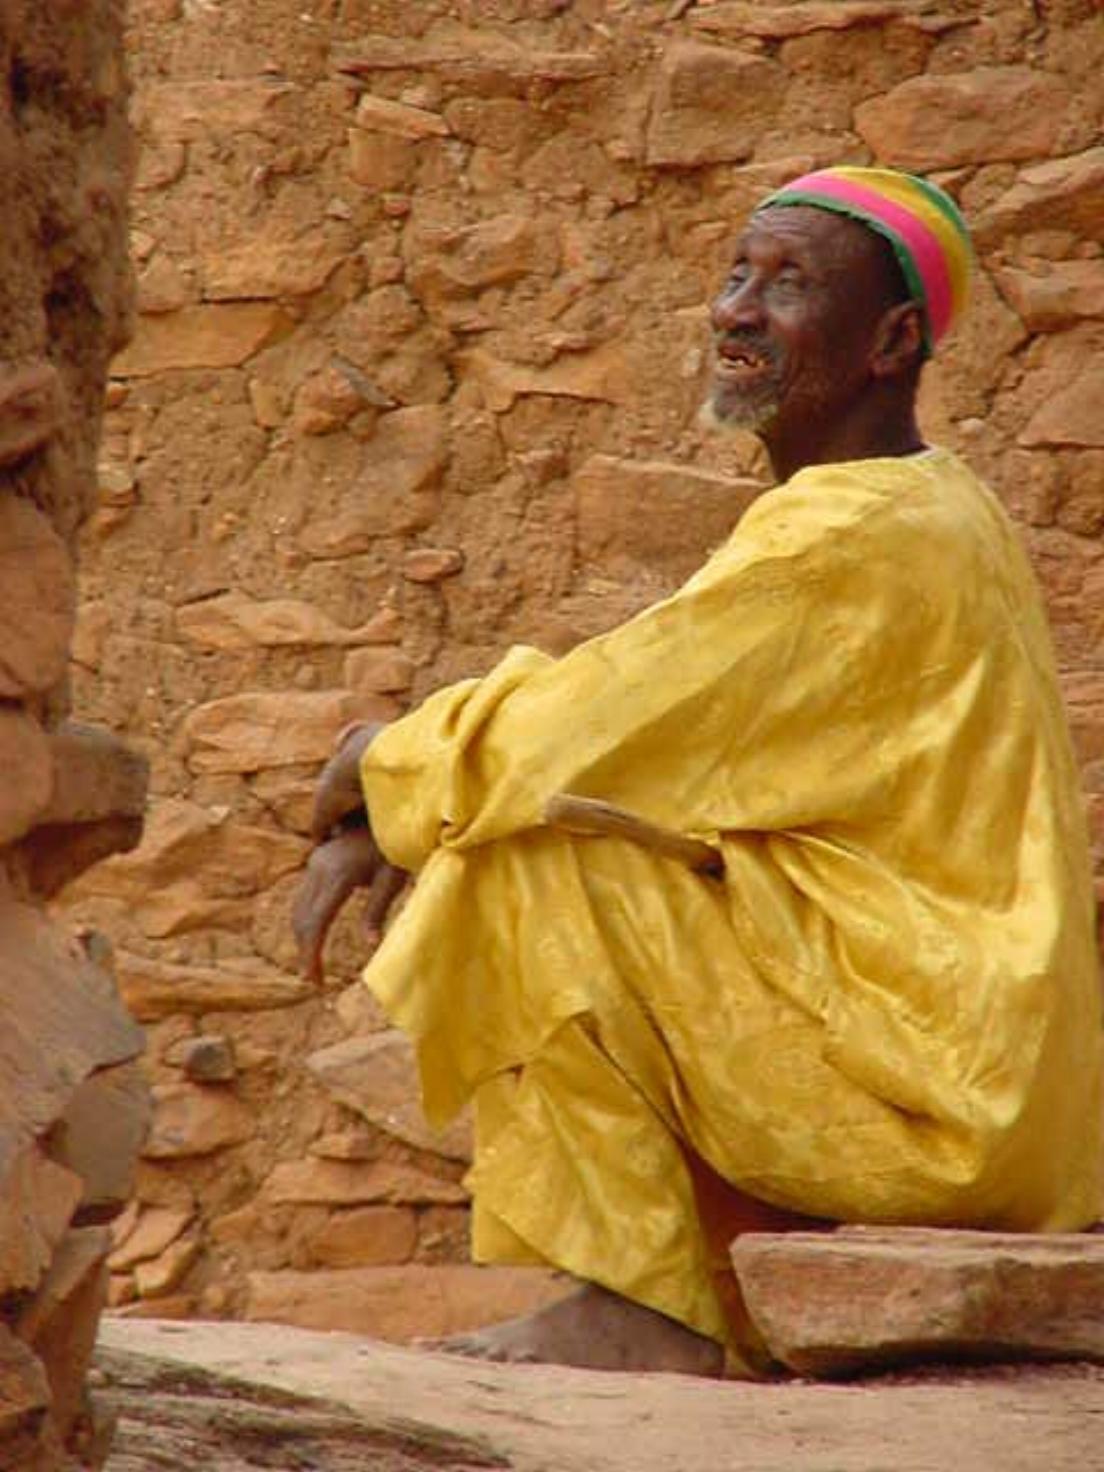 A Dogon village elder